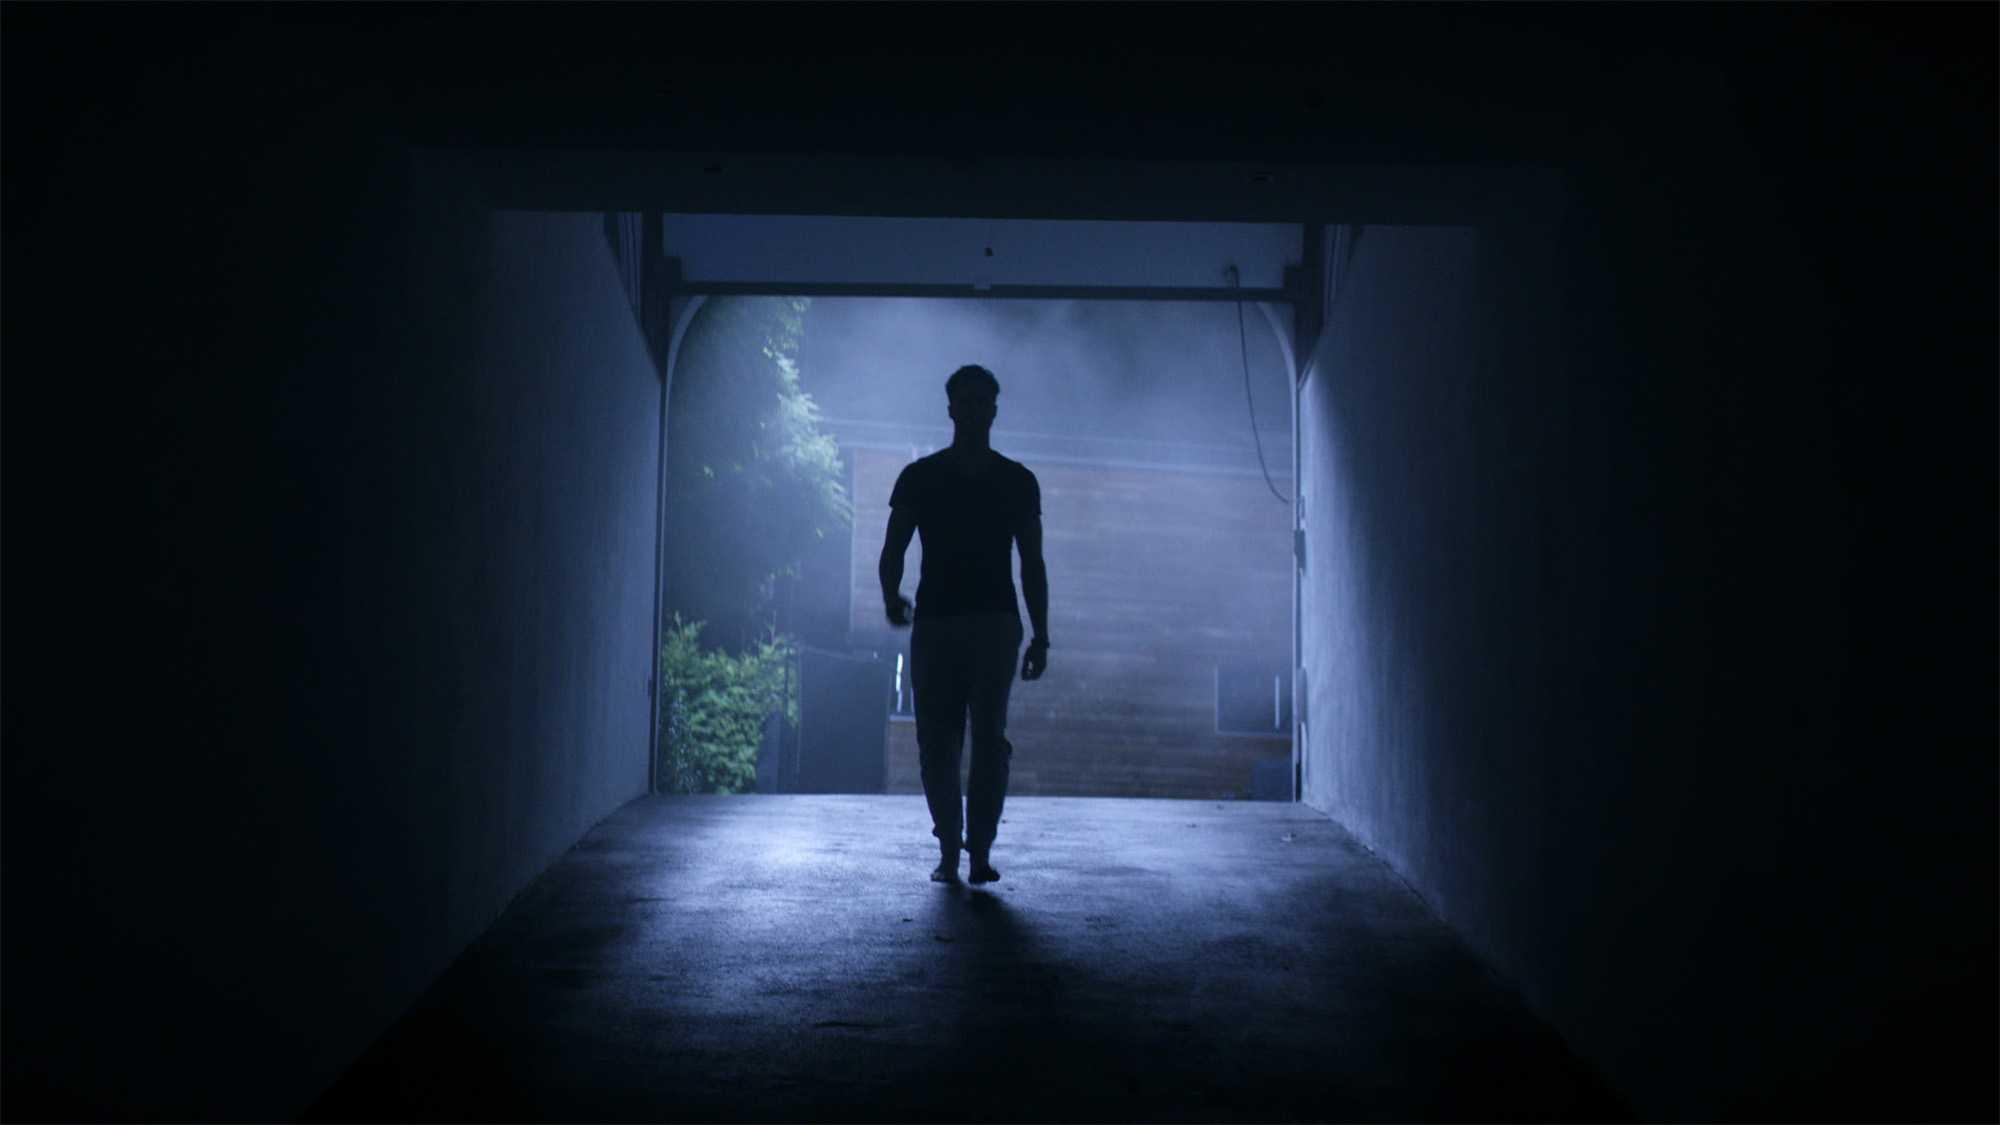 Das Bild zeigt eine Nachtkulisse. Ein Mann ist dabei in eine Garage zu laufen. Es ist so dunkel dass man nur seine Silhouette erkennt. Vor dem Eingang sieht man einen Lichtstrahl herunter fallen. Dahinter stehen Pflanzen. Das Bild dient als Sliderbild für den Portfolioeintrag BMW Connected Drive Home Alone von Panda Pictures.